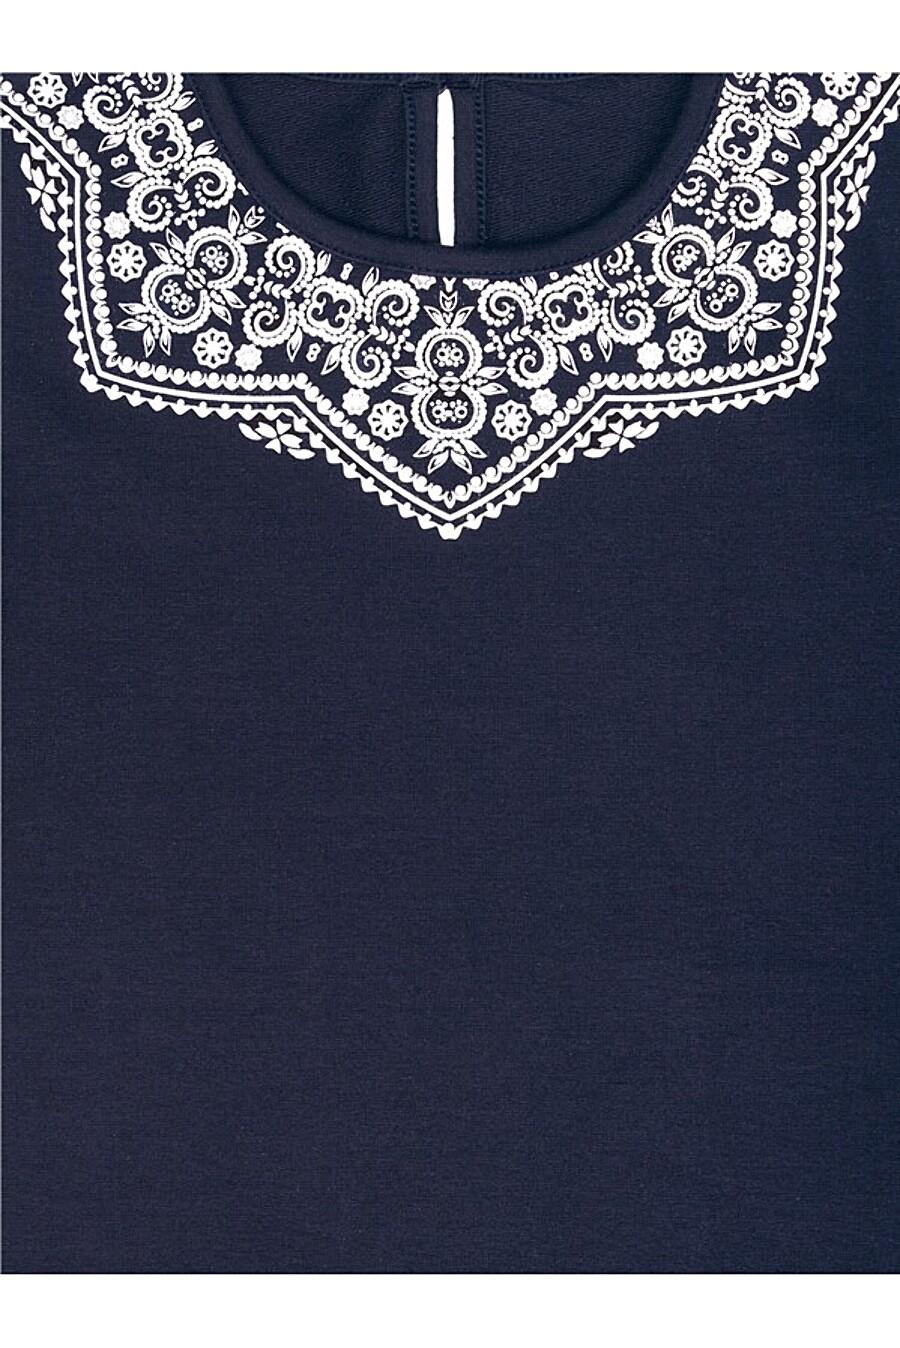 Платье для девочек АПРЕЛЬ 219204 купить оптом от производителя. Совместная покупка детской одежды в OptMoyo